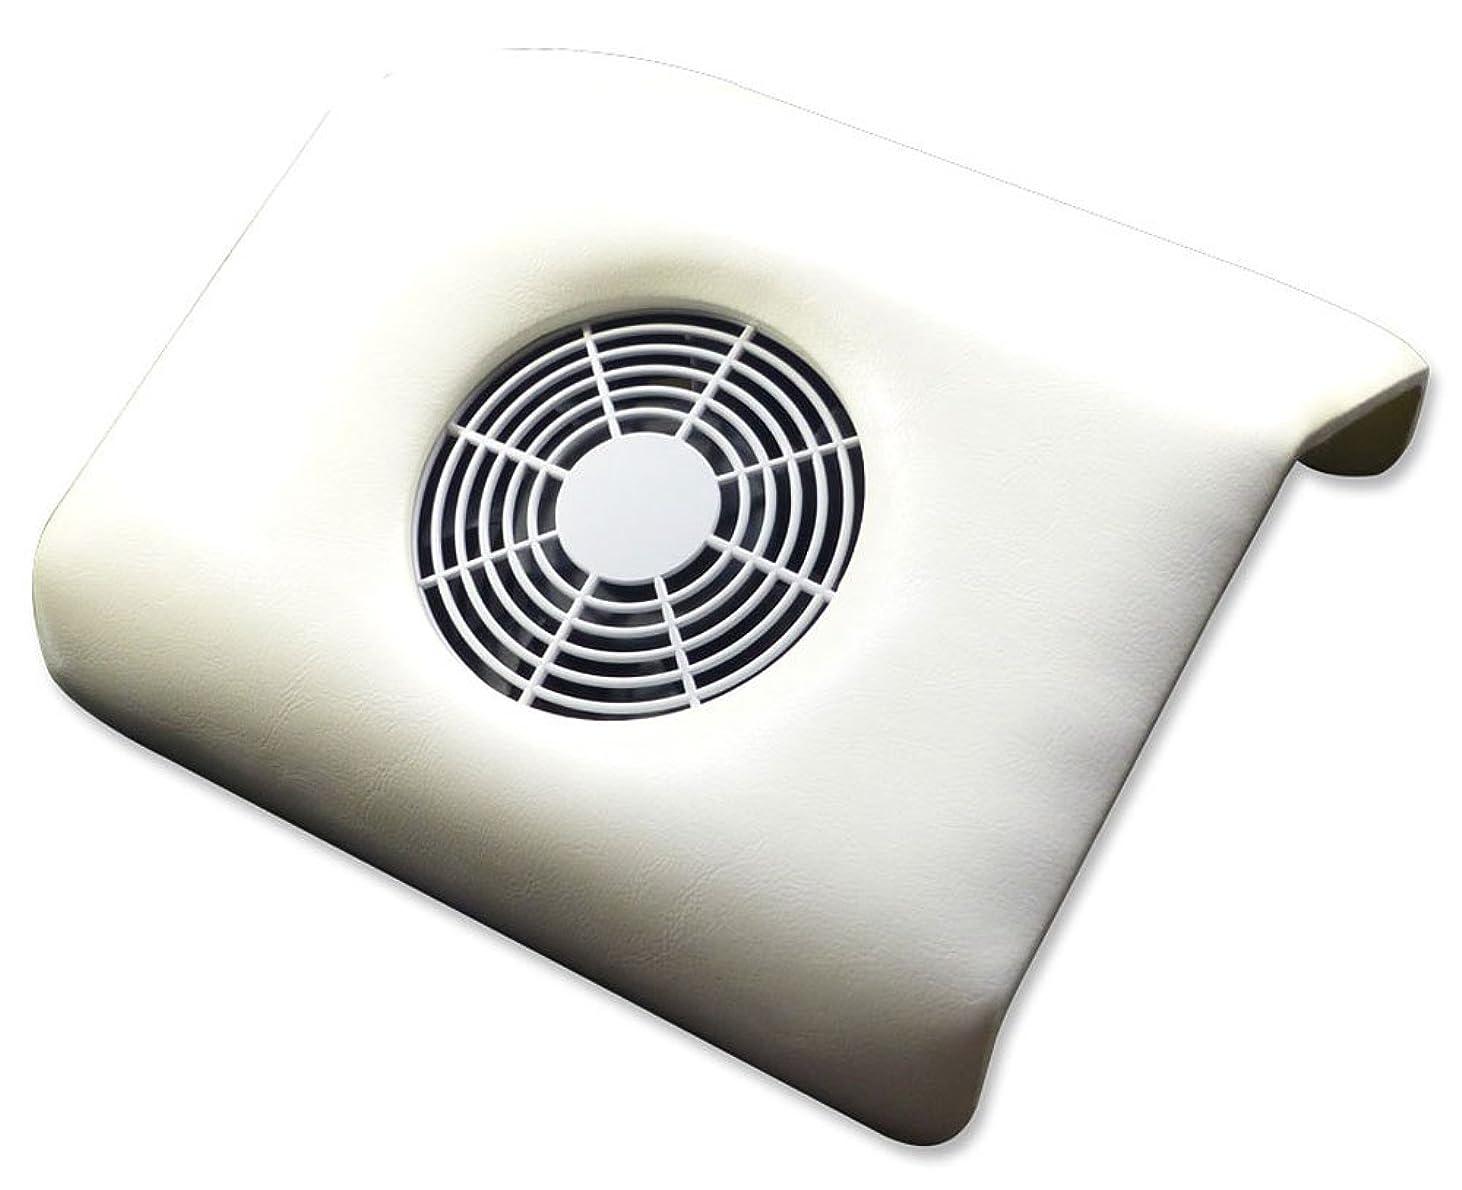 事業モーション相対サイズビューティーネイラー ジェルネイル ネイルダストコレクター ラージ DCL-W ホワイト